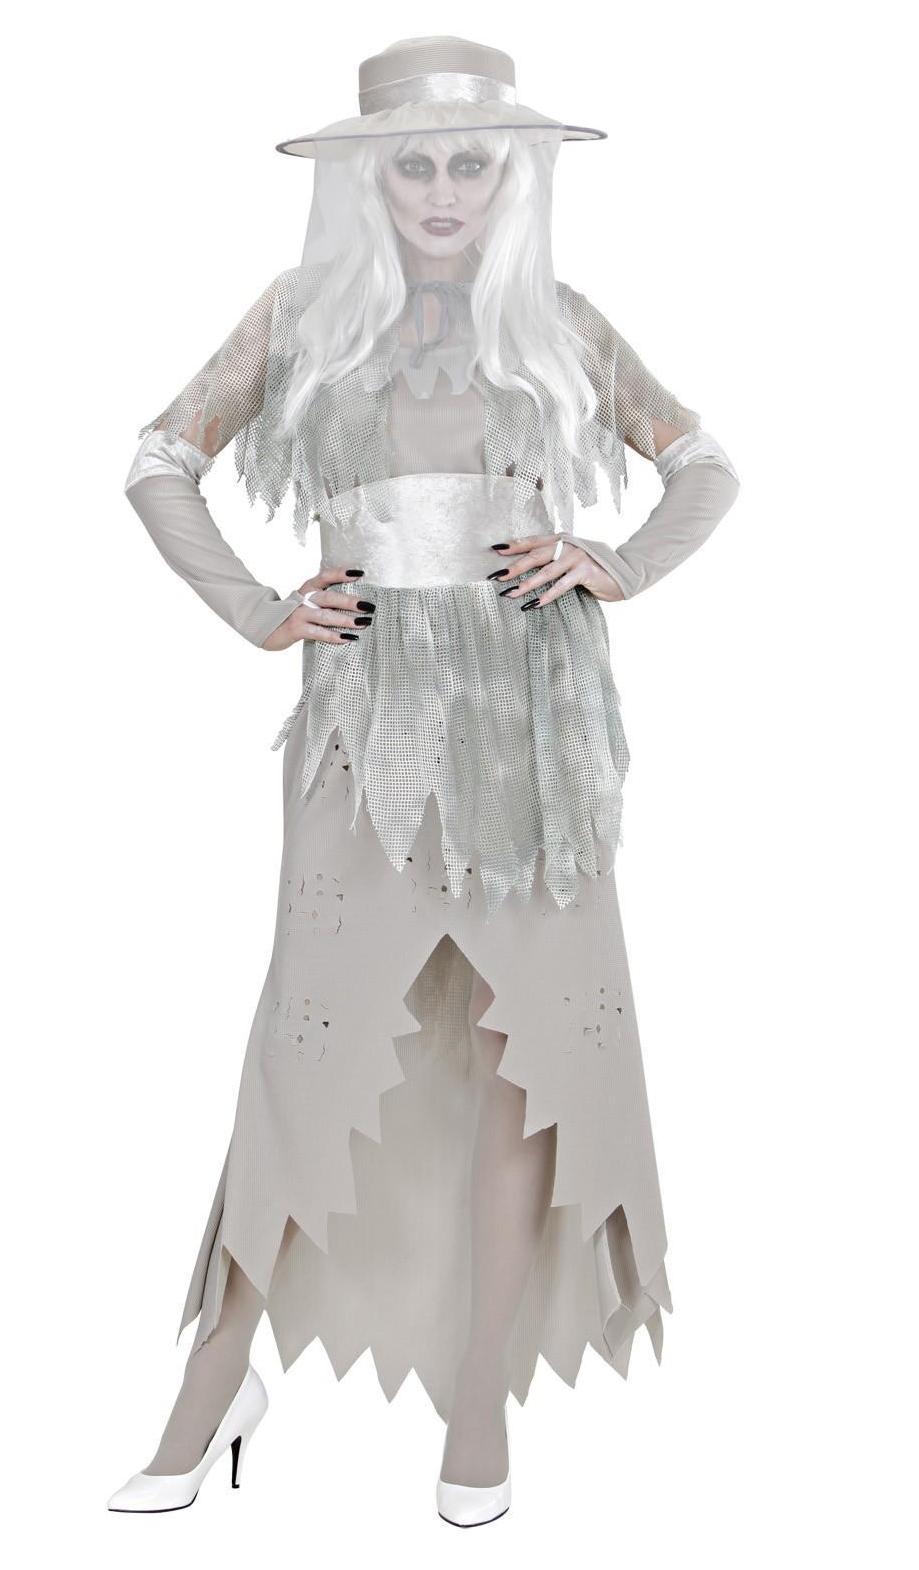 Tienda de disfraces originales - Disfraz de mujer fantasma